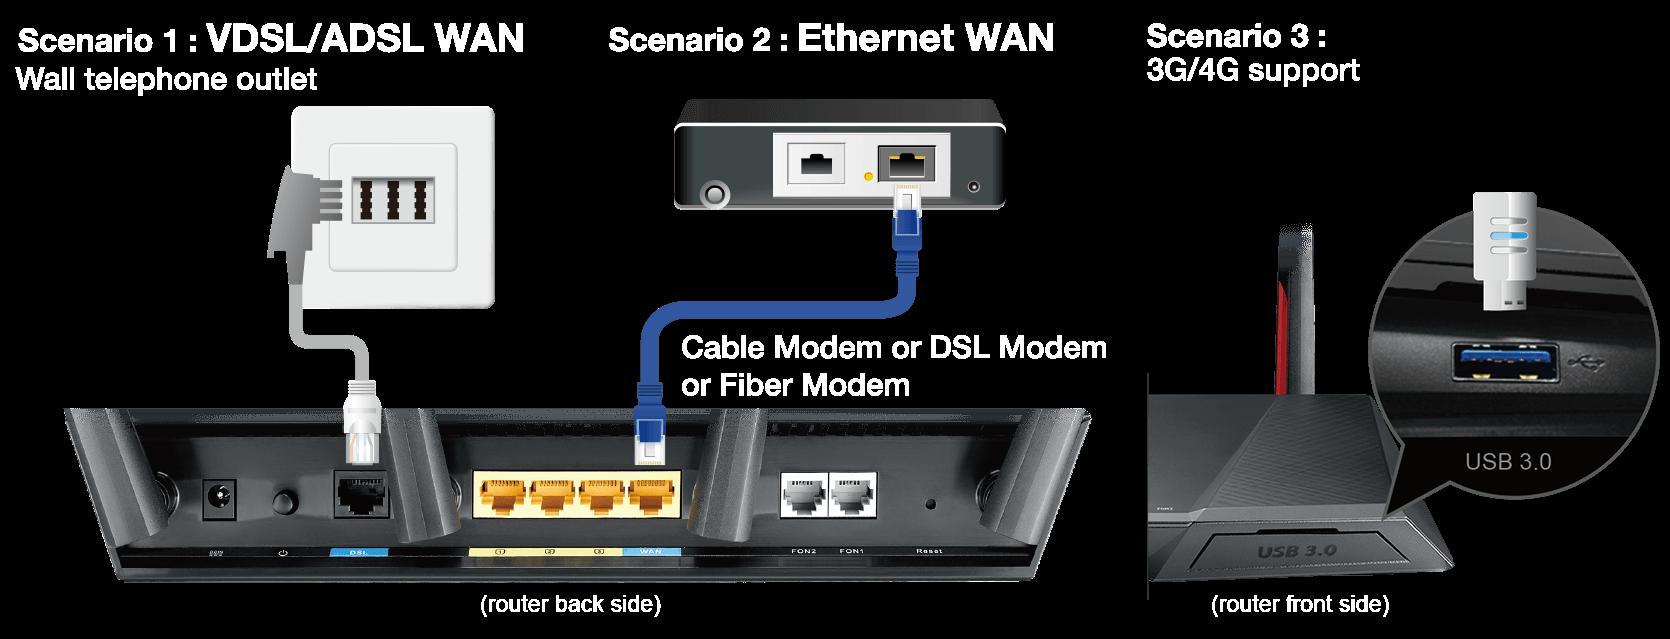 Der DSL-AC68VG unterstützt mehrere Internetverbindungen über DSL, Netzwerk oder 3G/4G LTE und kann bei einem Ausfall zwischen diesen wechseln.